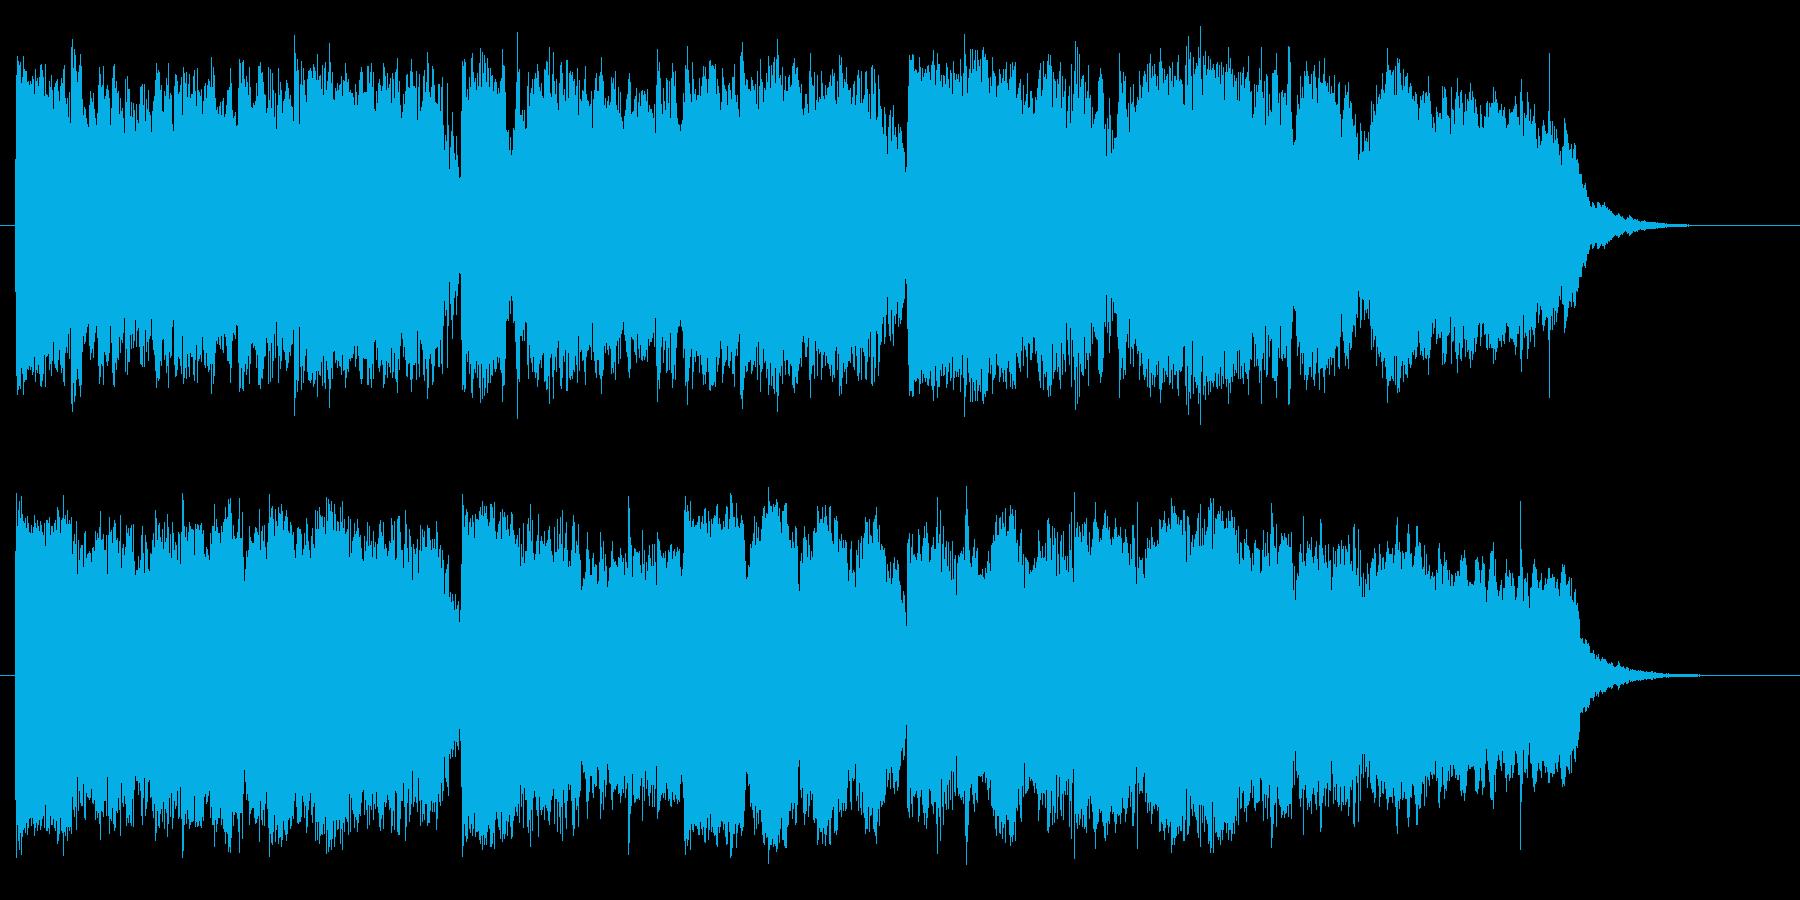 二胡(中国の民族楽器)を使用したジングルの再生済みの波形